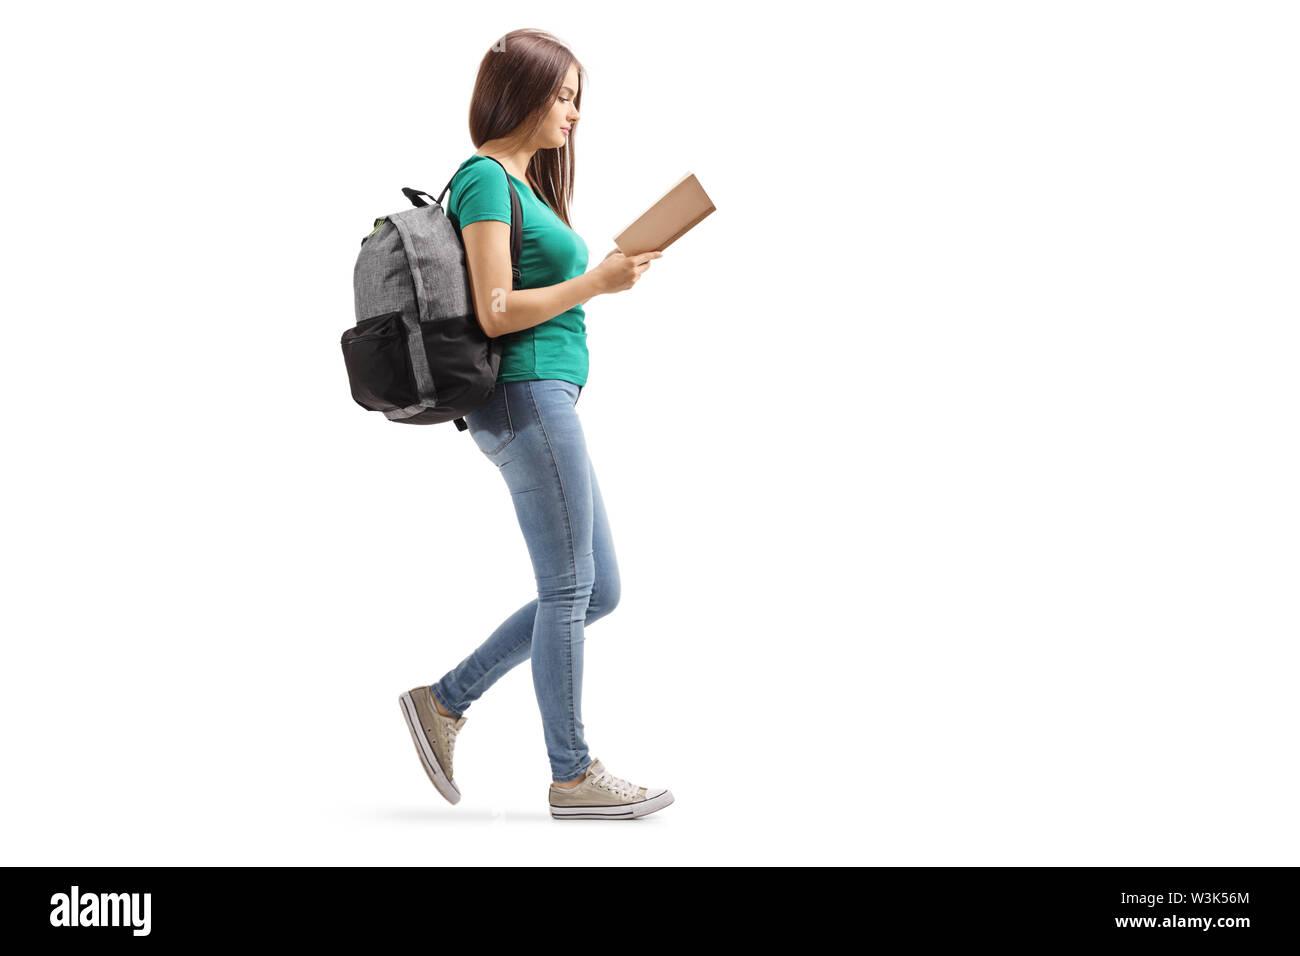 Profil de pleine longueur sur une femme avec un sac à dos de la ...